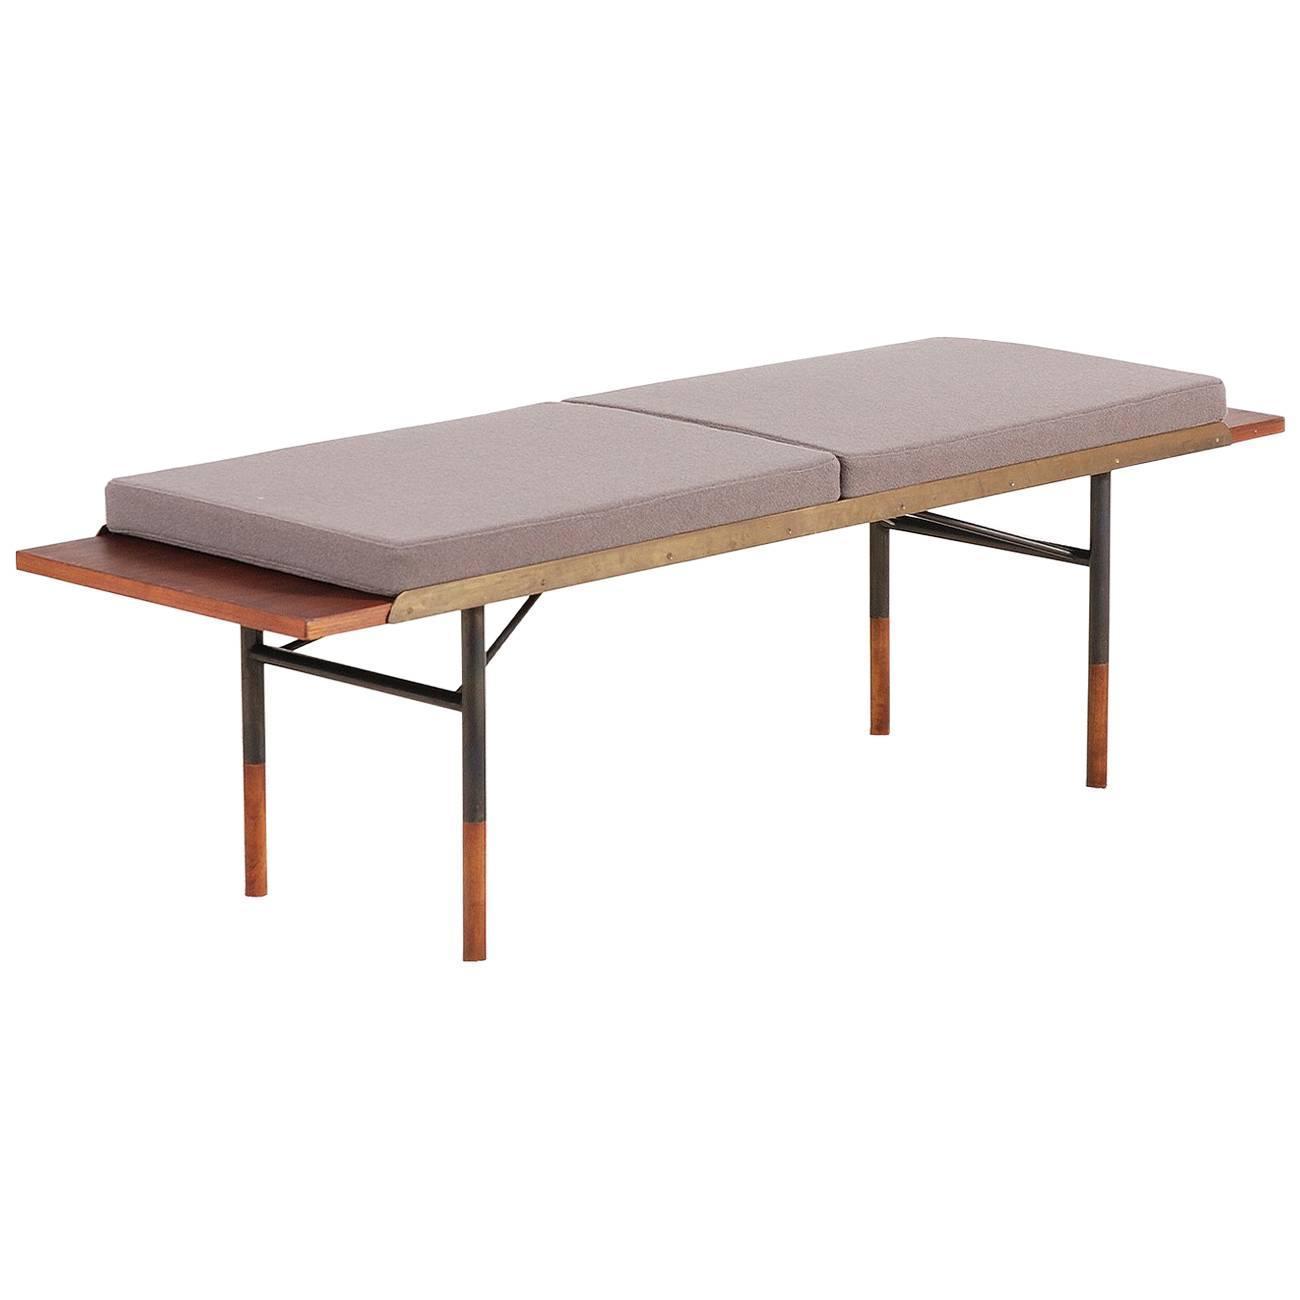 Jens risom floating bench for sale at 1stdibs - Finn Juhl Teak Coffee Table Bench For Bovirke 1952